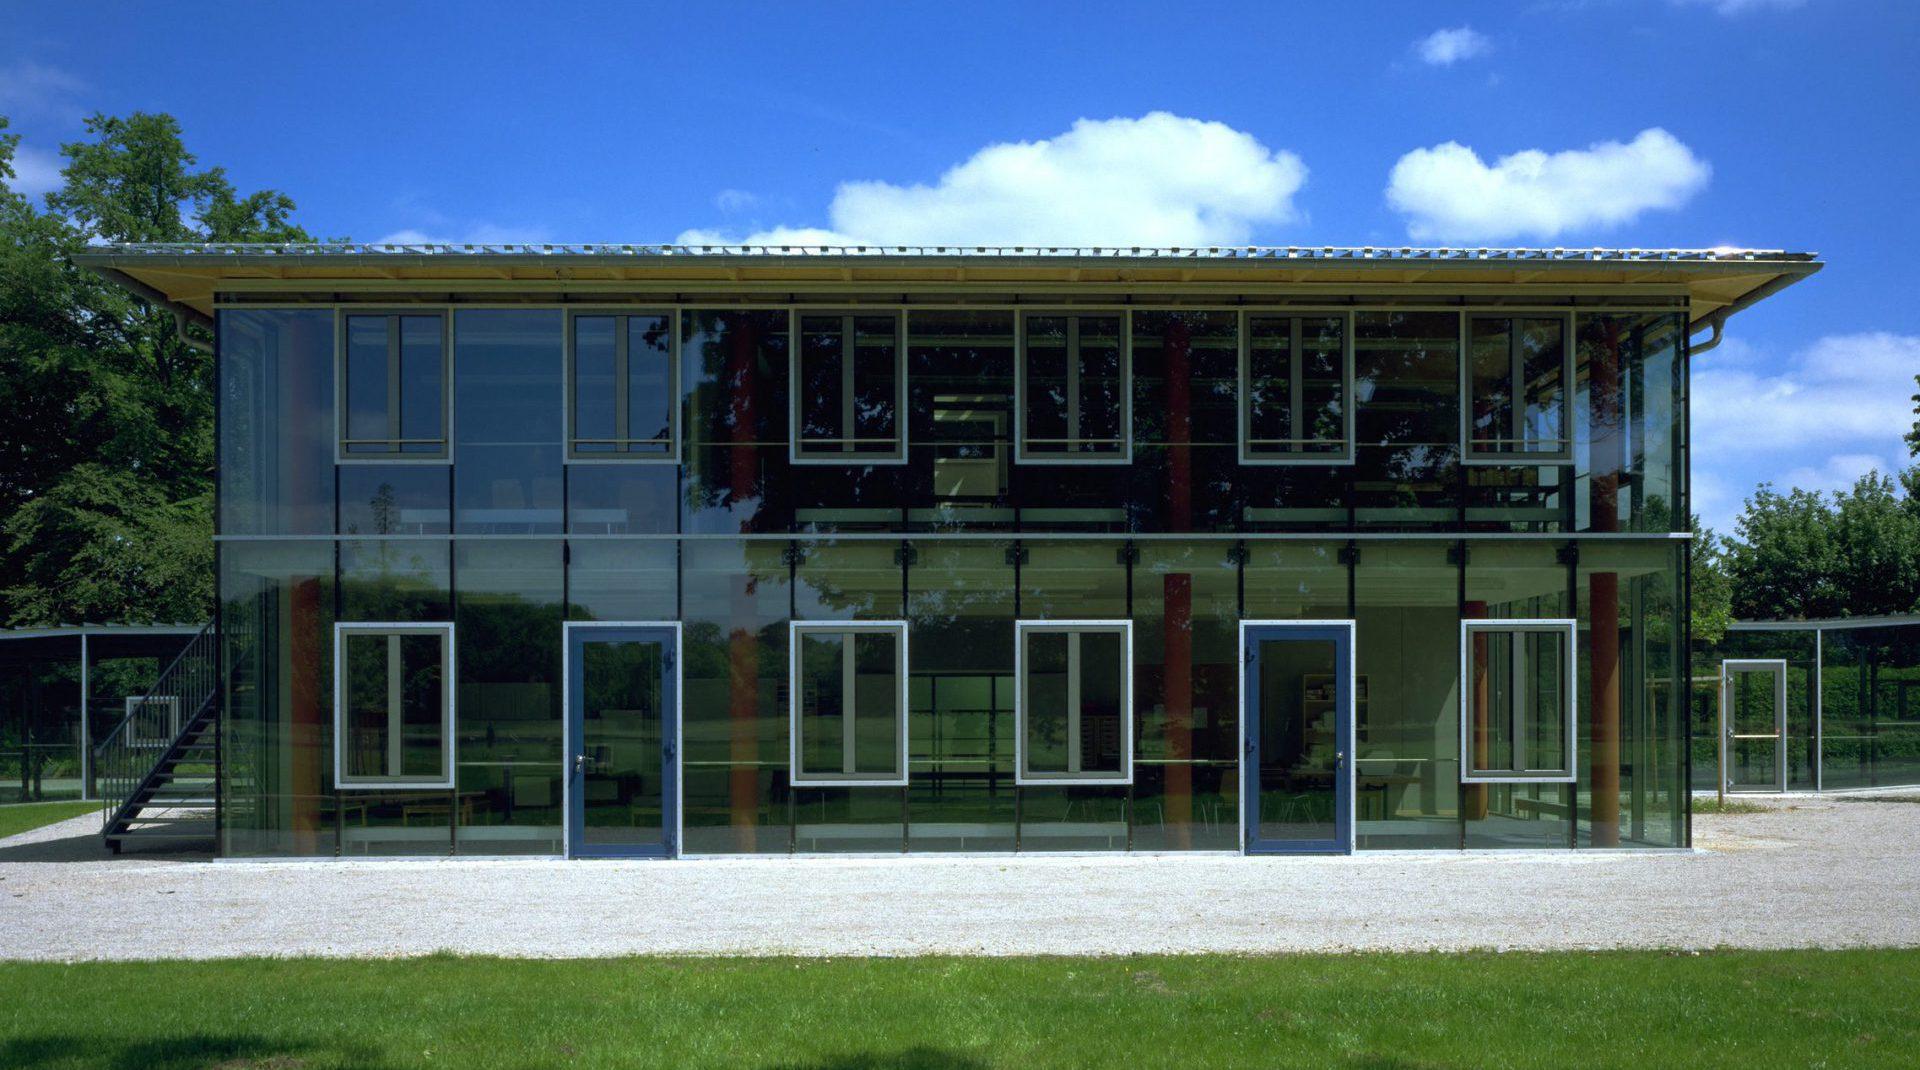 Schoolpavillon - Orangery